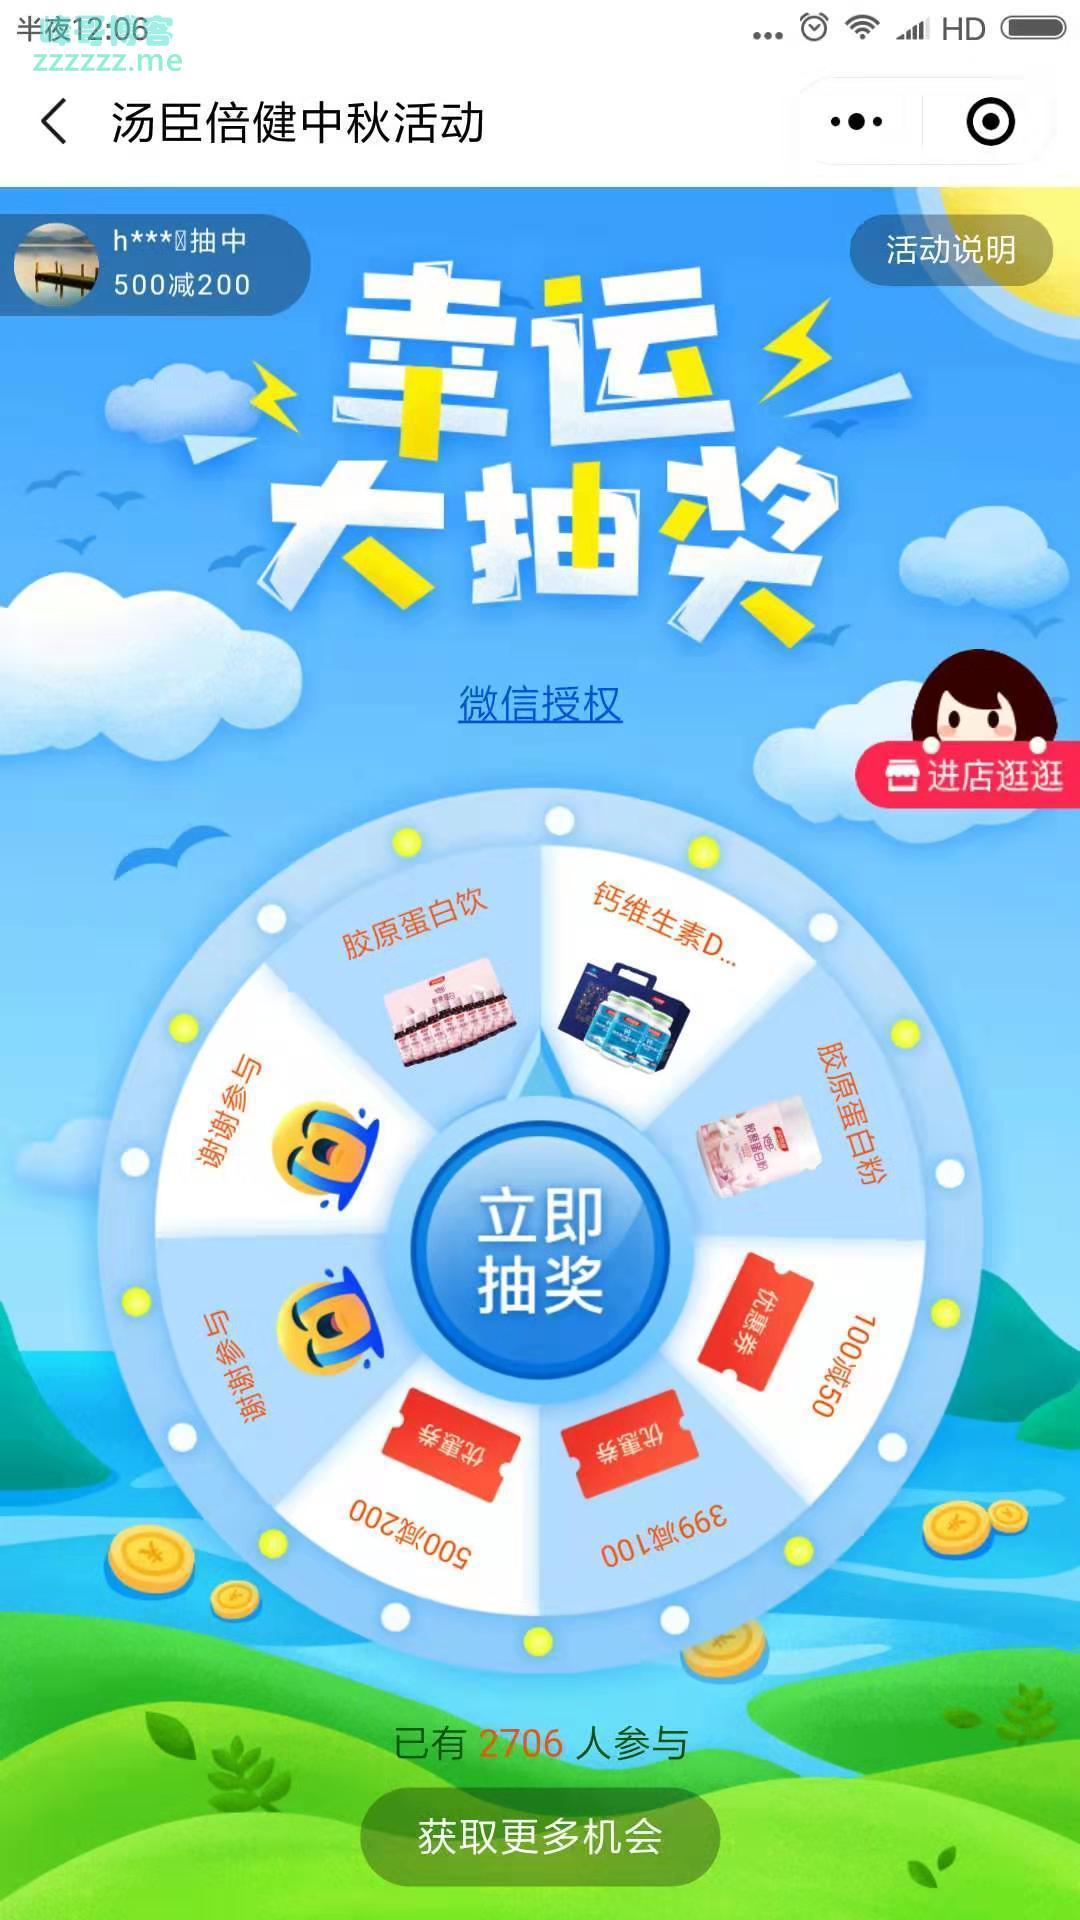 汤臣倍健0元抽中秋礼盒(截止9月14日)